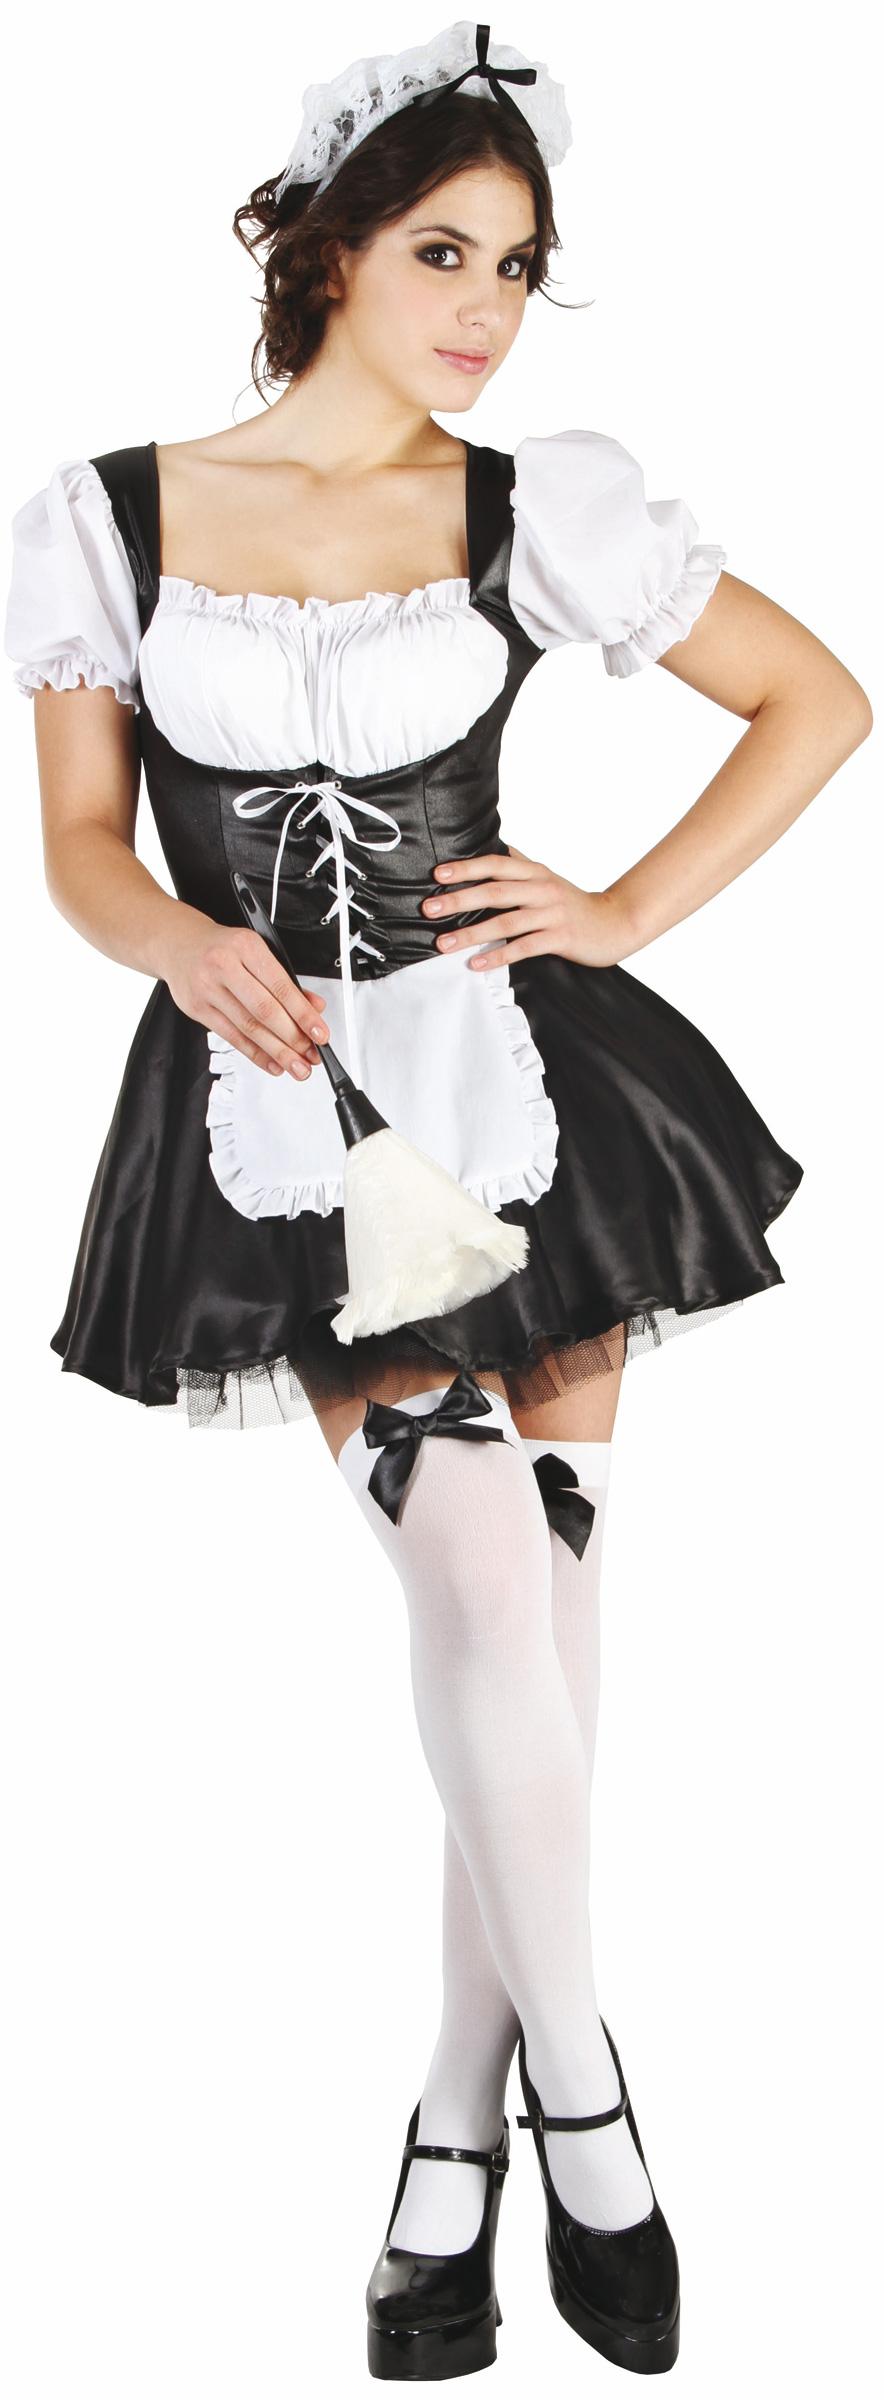 d guisement femme de chambre d guisement servante tenue soubrette sexy. Black Bedroom Furniture Sets. Home Design Ideas